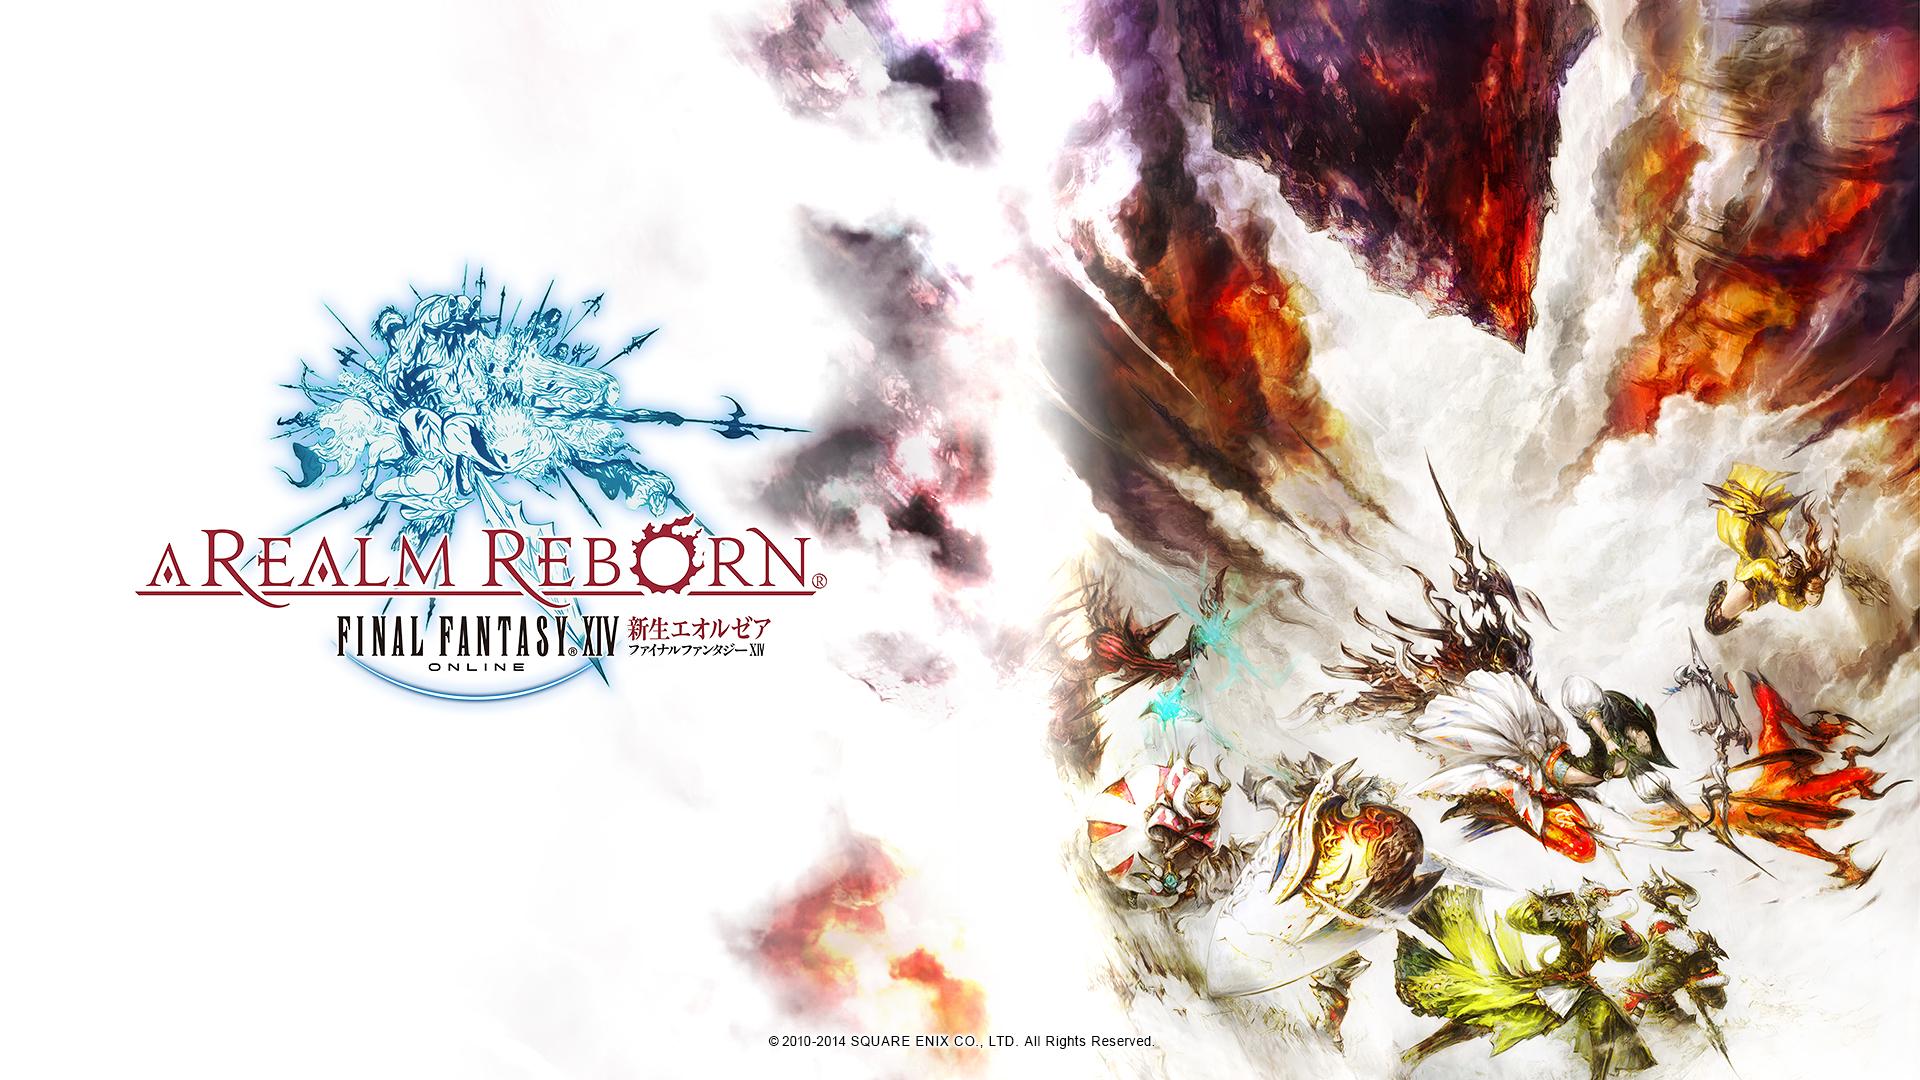 Free Download Final Fantasy Xiv Online A Realm Reborn Hd